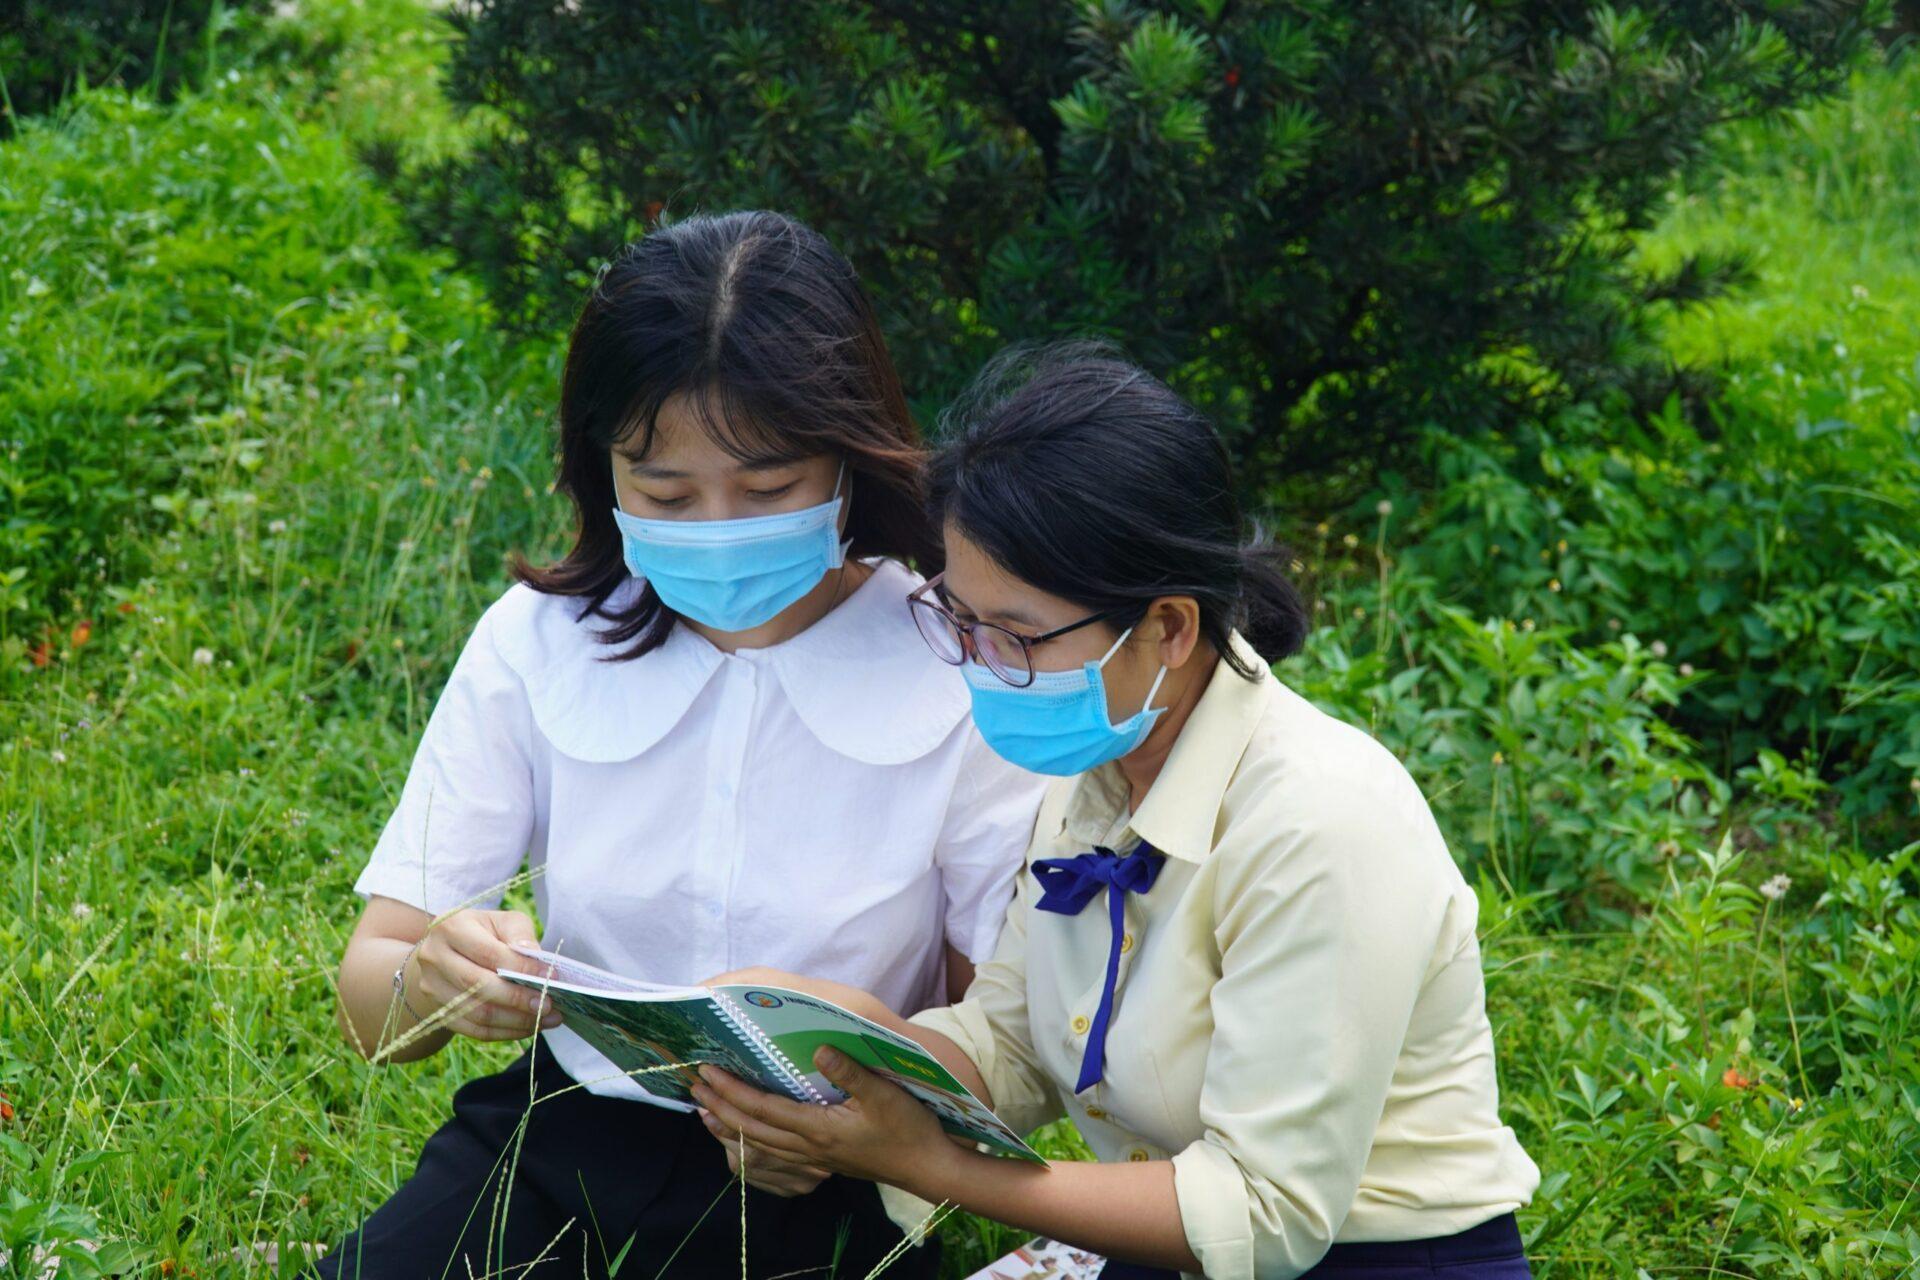 Đại học Quang Trung: Lạc quan nhưng không chủ quan giữa đại dịch COVID-19